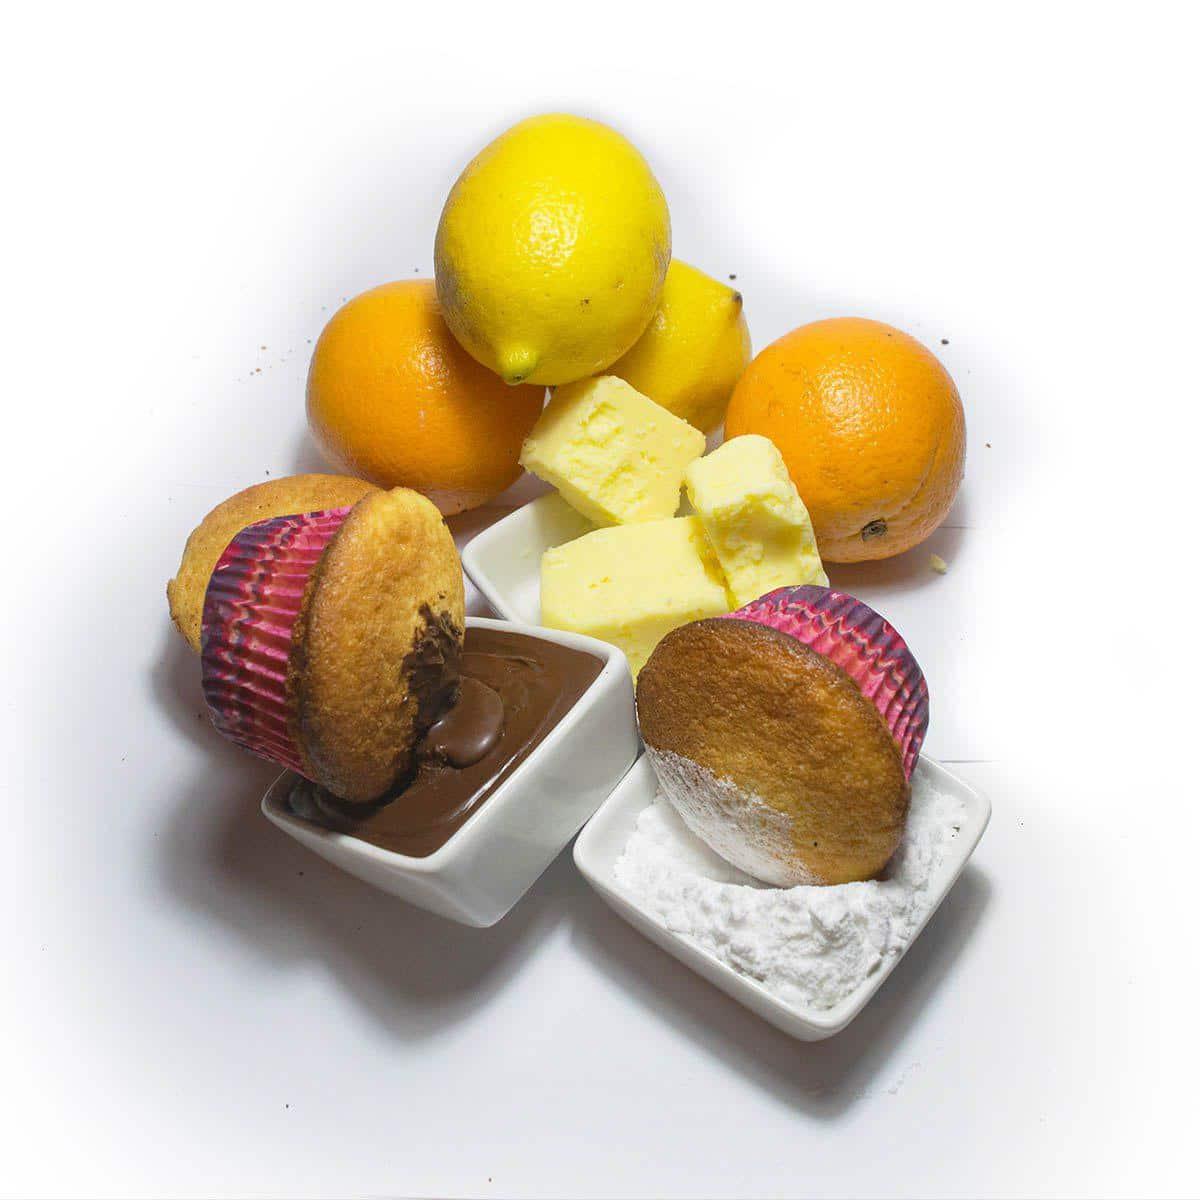 Dos muffins, uno con un baño de chocolate, otro con azúcar impalpable. Atrás de los mismos hay naranjas, limones y manteca